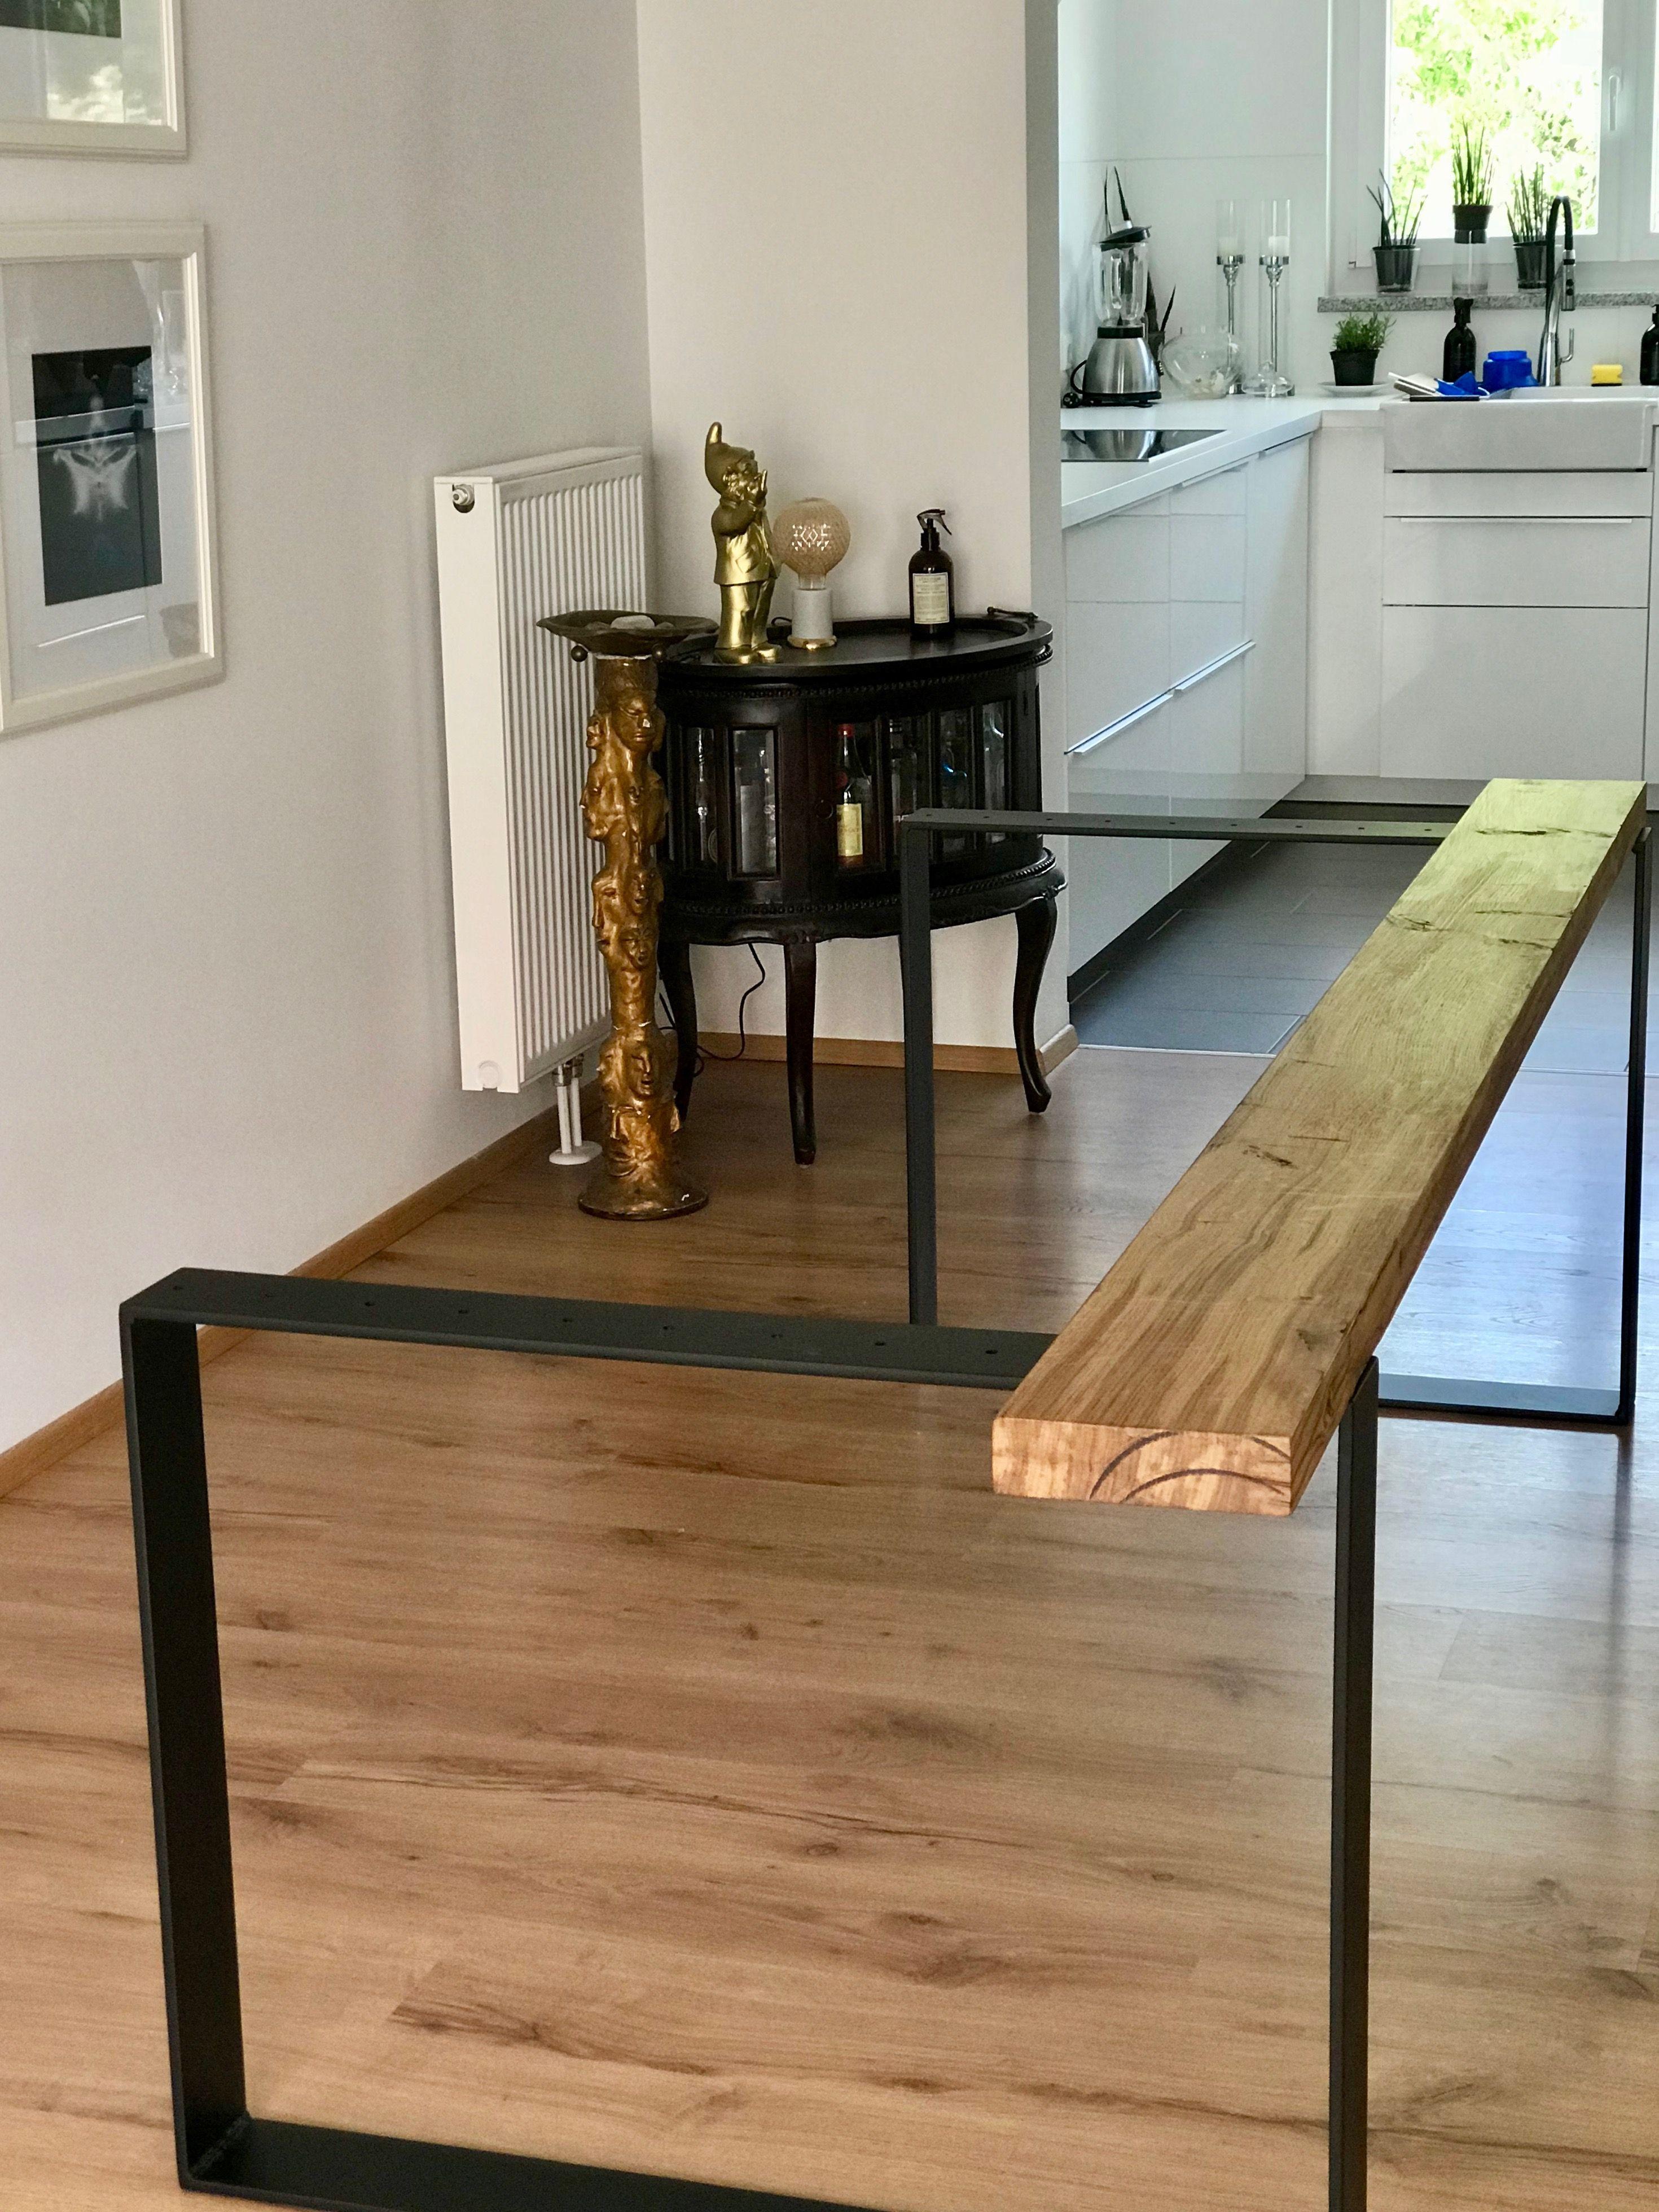 Wir bauen einen Tisch – wie aus unserer alten Eiche unser Esstisch wurde – STILWALK ♡